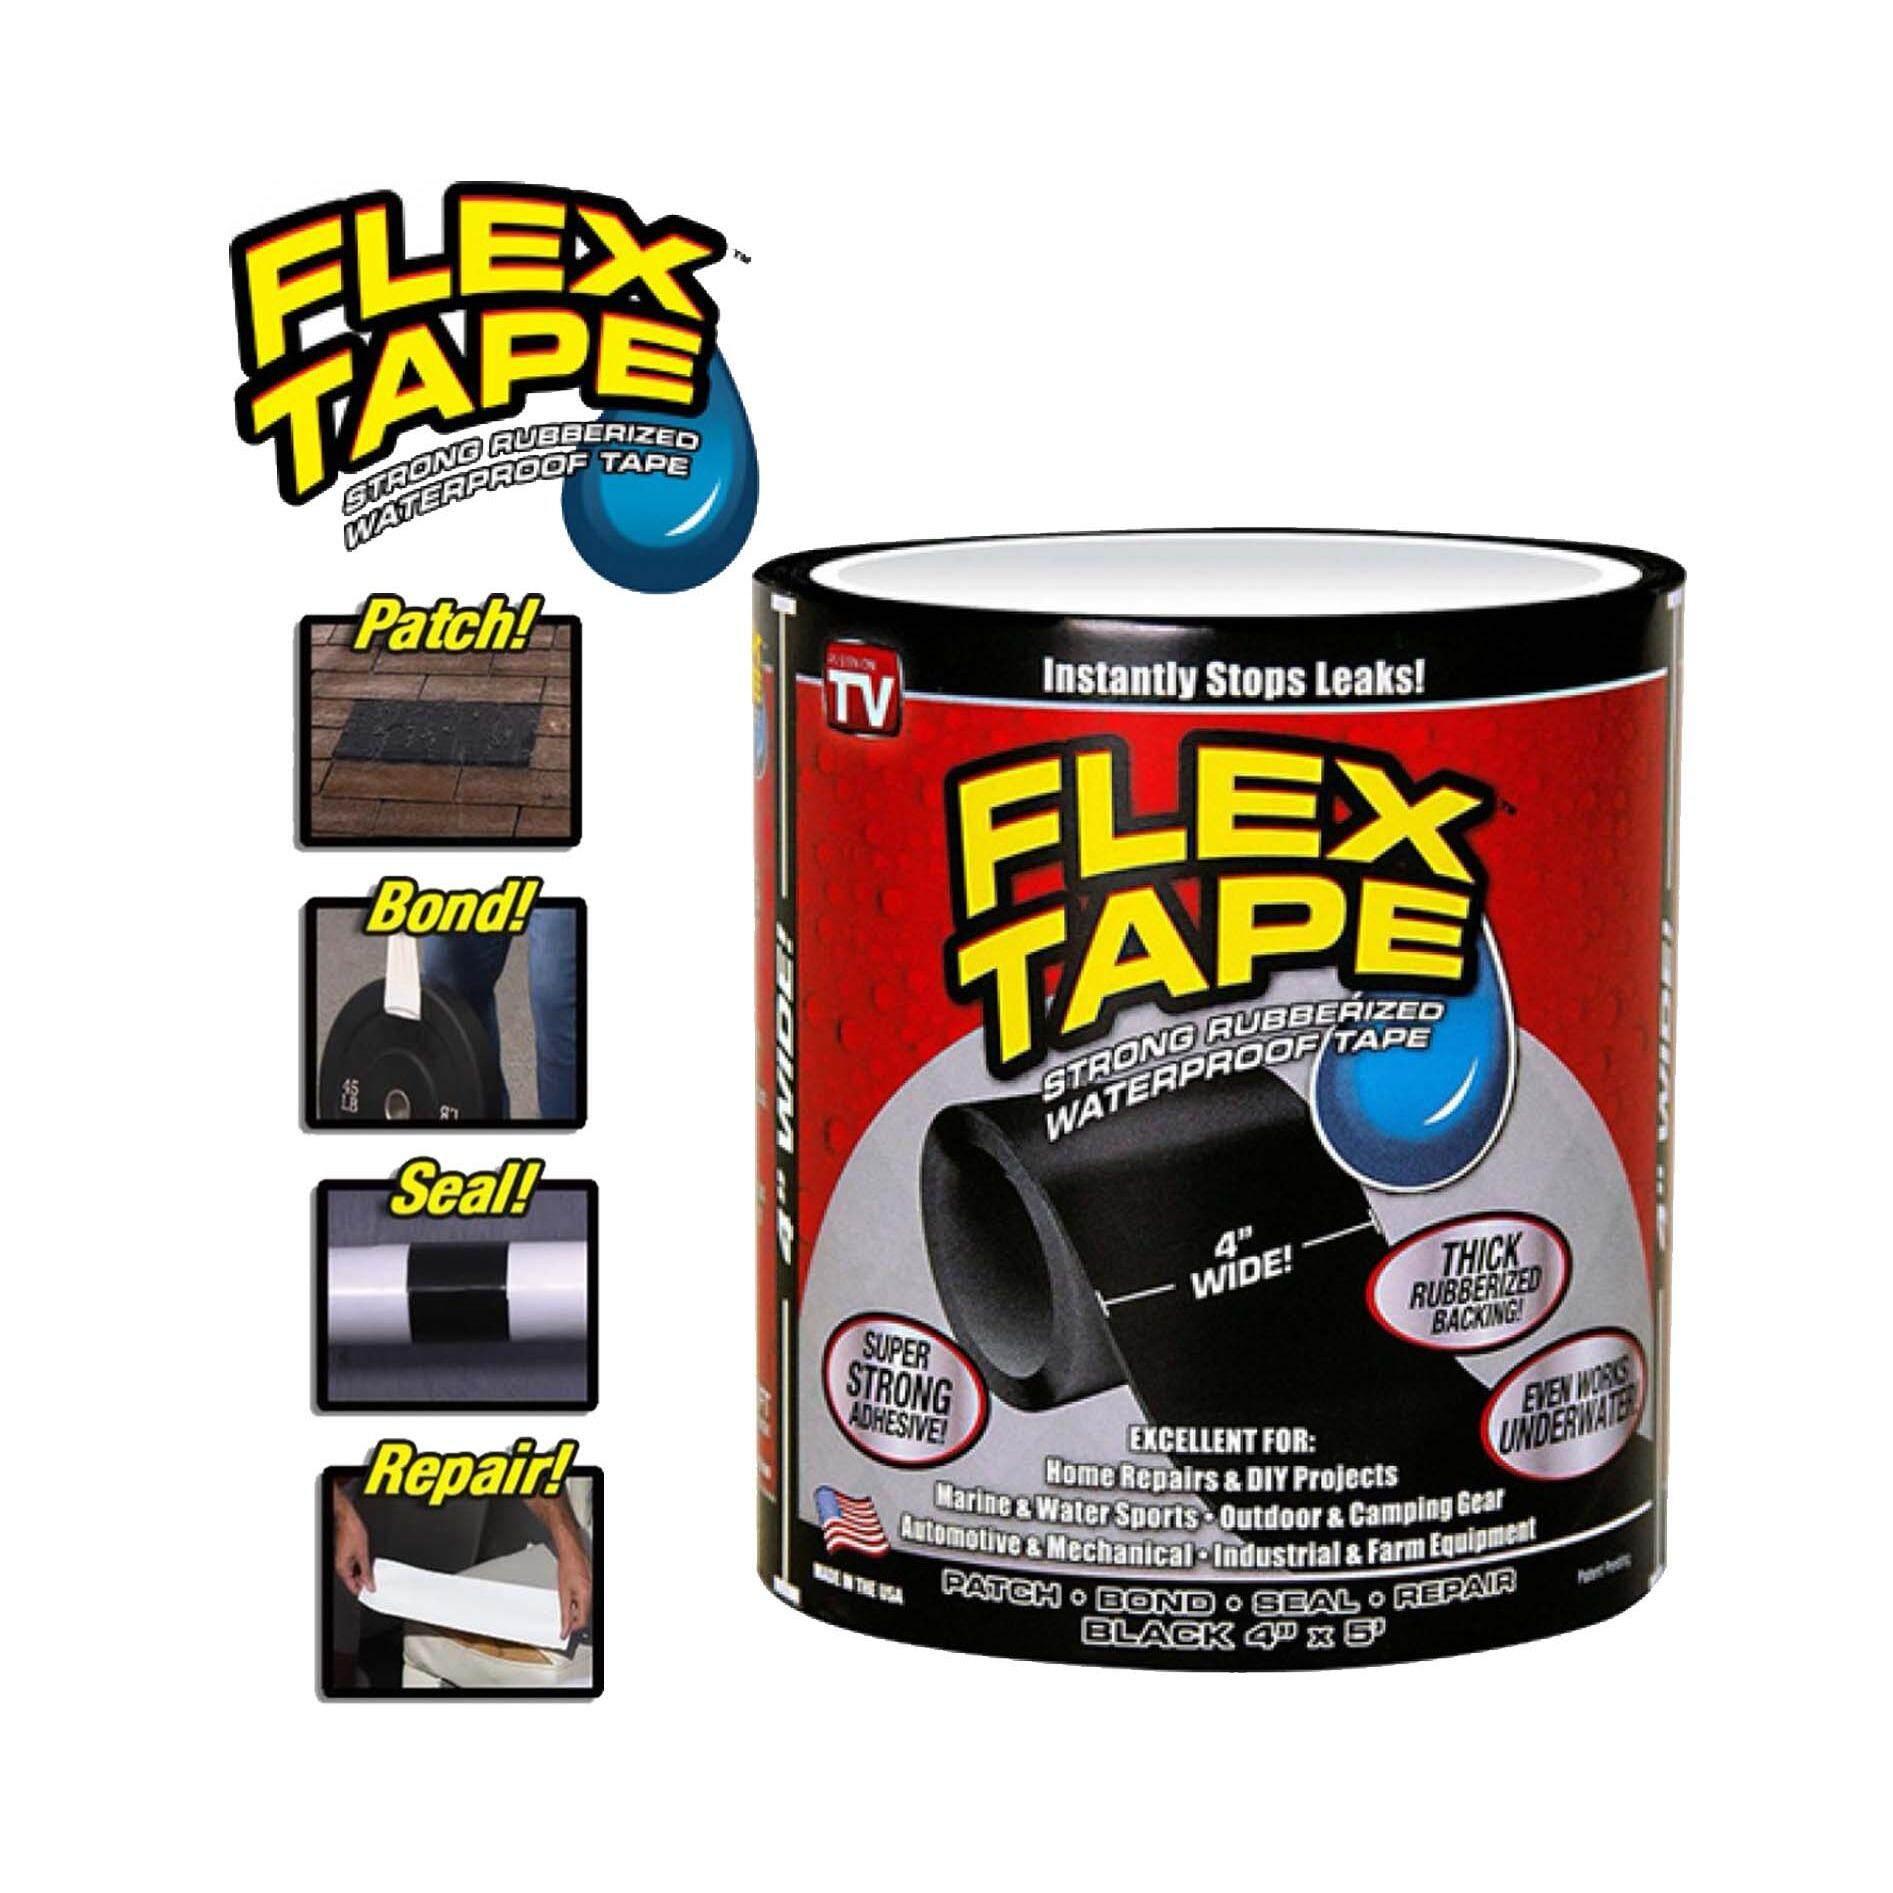 4 Wide Waterproof Seal Stop Leaks Tape By Snapid.